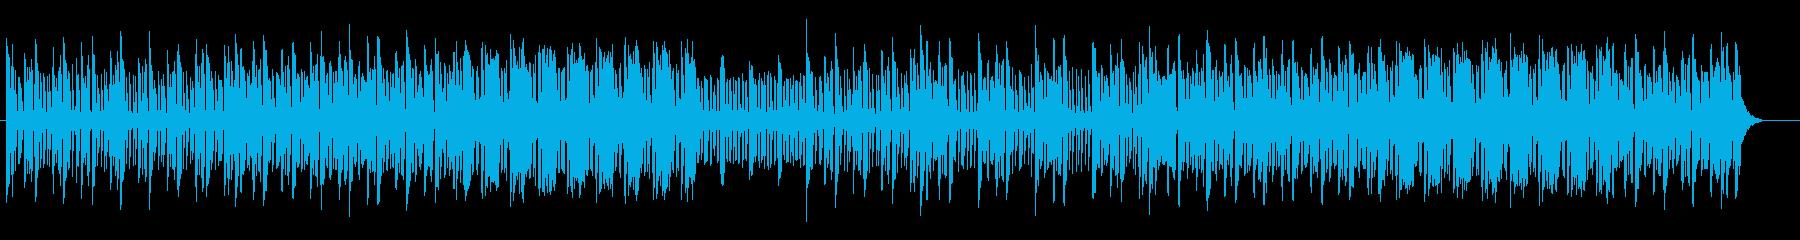 疾走感のあるエレクトロポップスの再生済みの波形